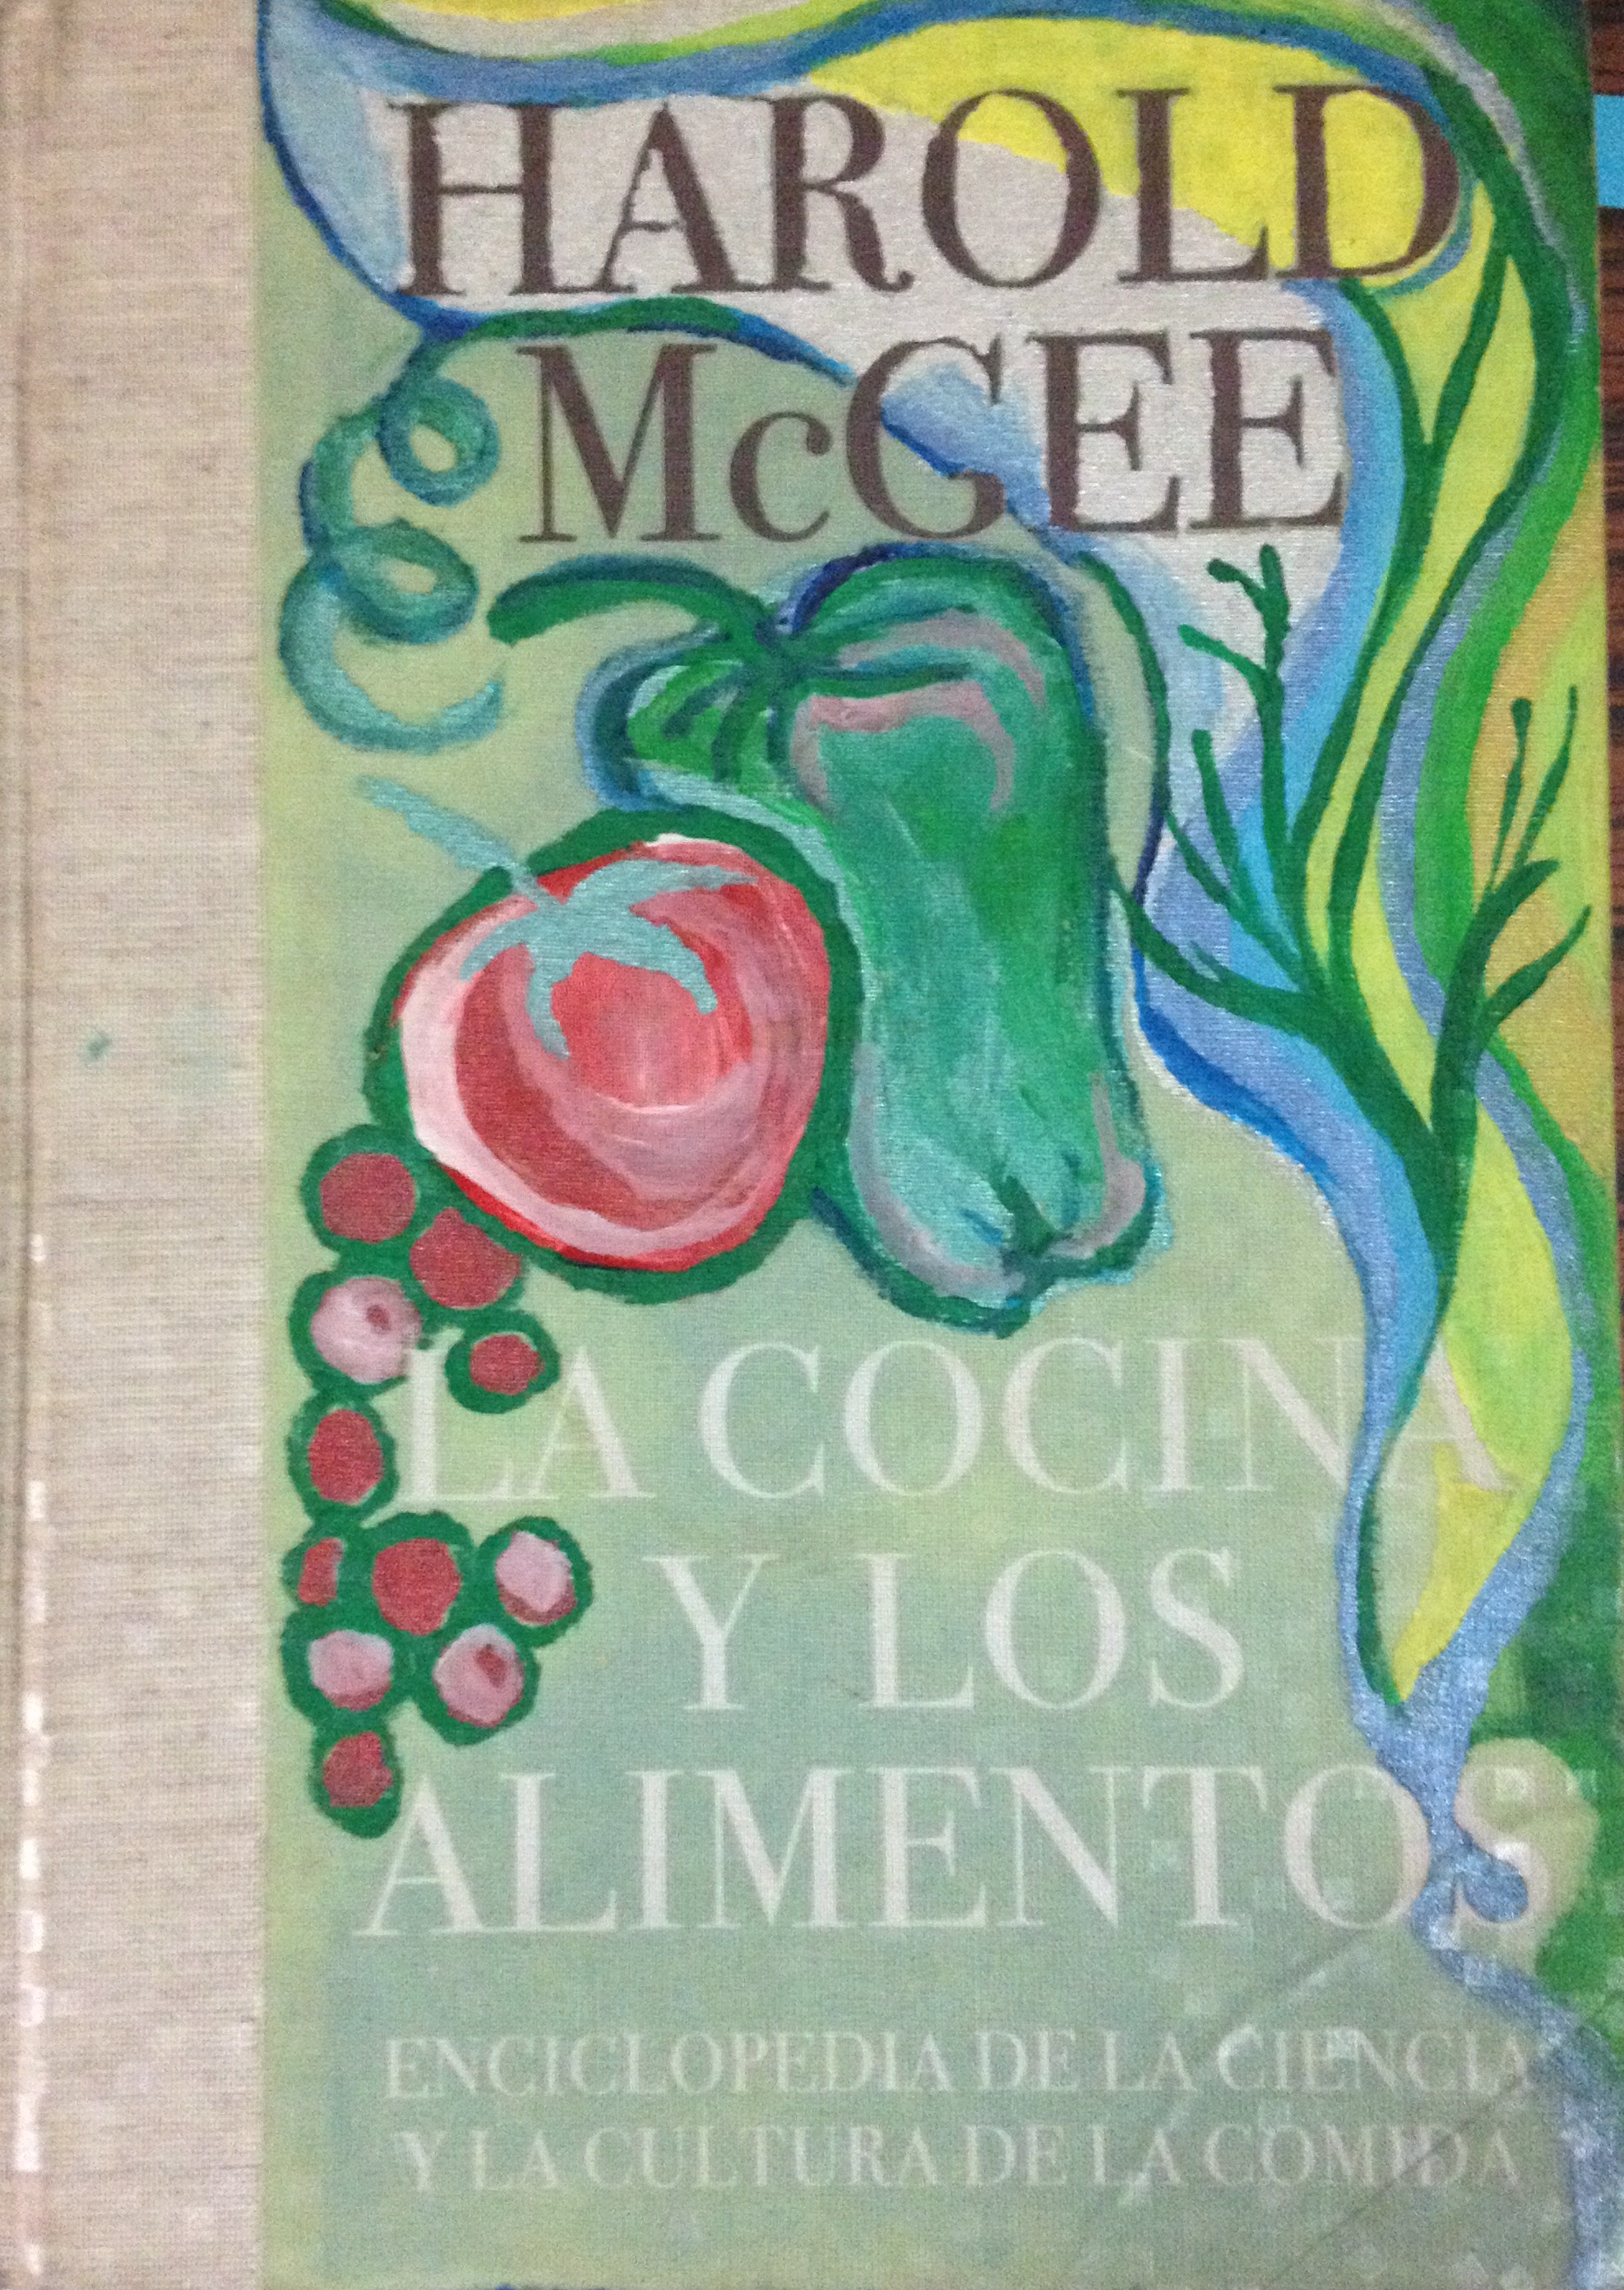 Harold mcgee el padre de la cocina molecular blogs el for Padre de la cocina molecular